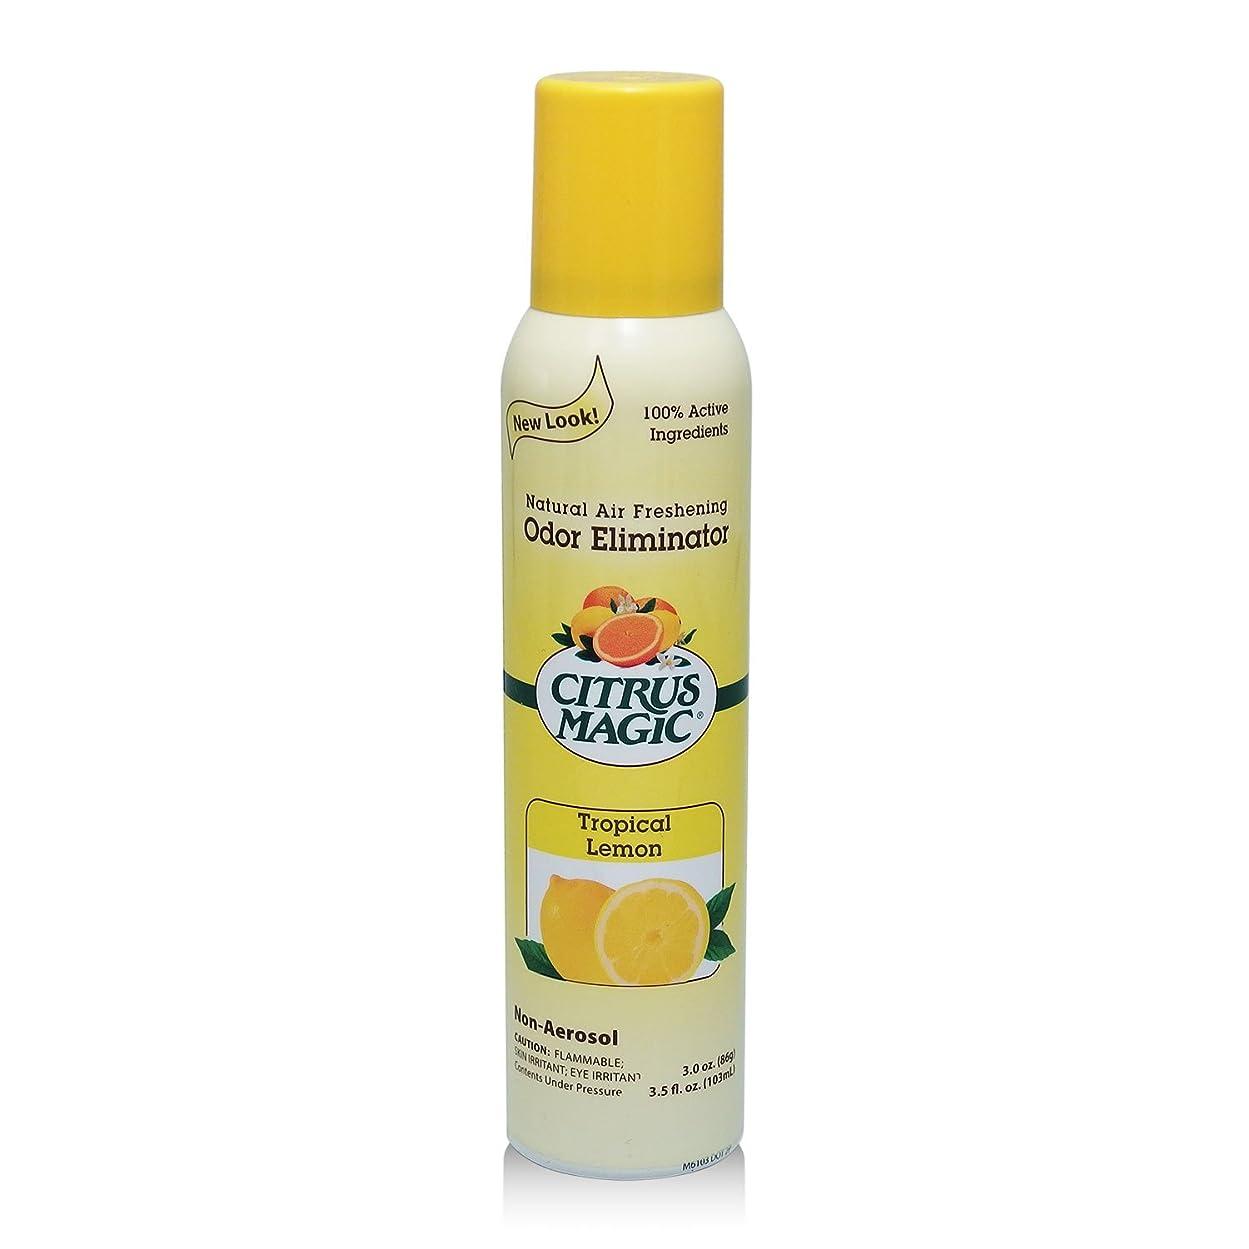 ドール傑出したエジプト人シトラスマジック エア フレッシュナー レモン 103ml 果皮抽出オイルをギュッと詰めた消臭?芳香ルームスプレー